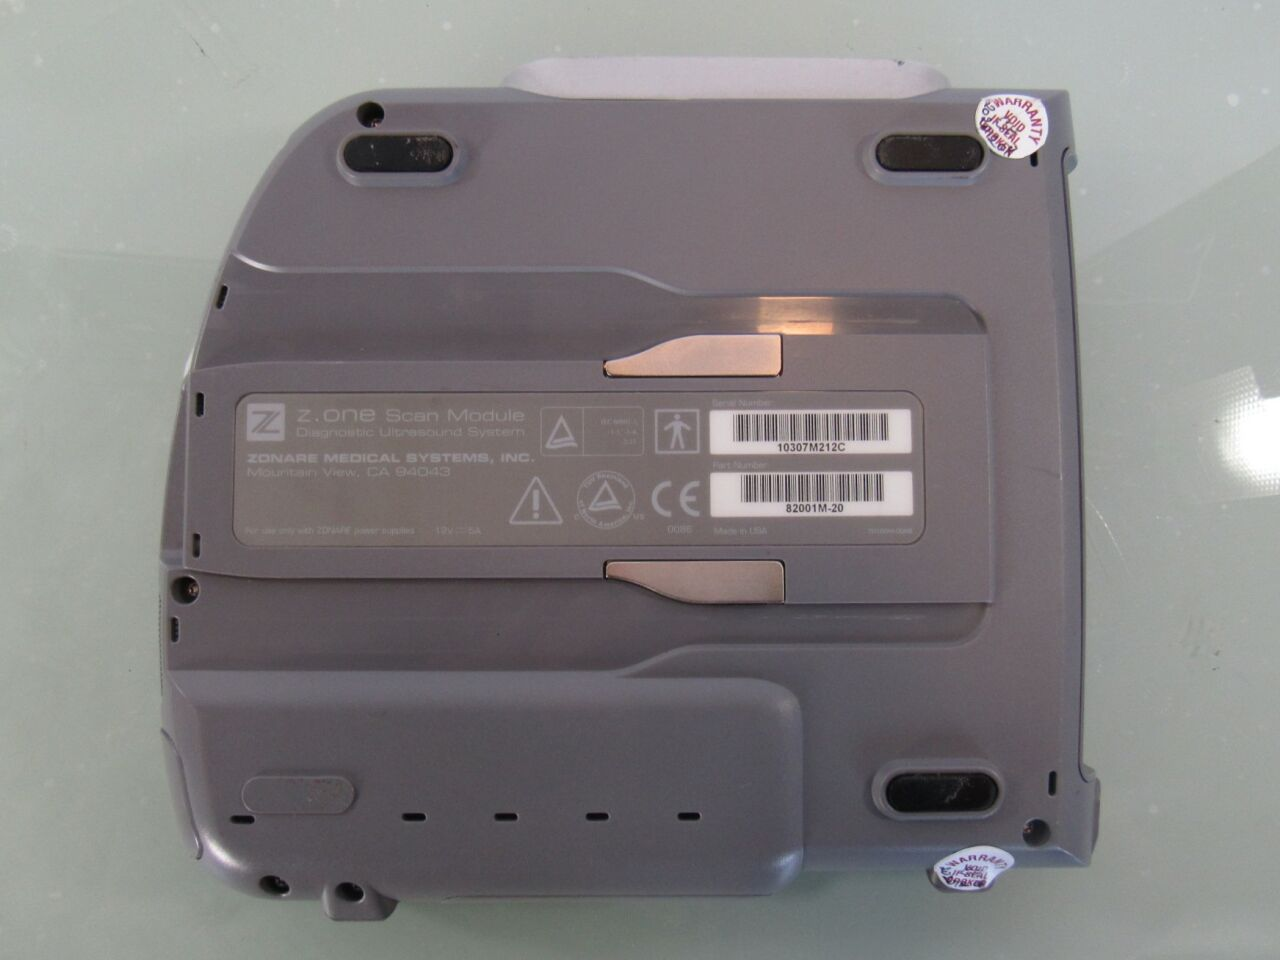 ZONARE 82001M-20 Z.ONE Scan Module